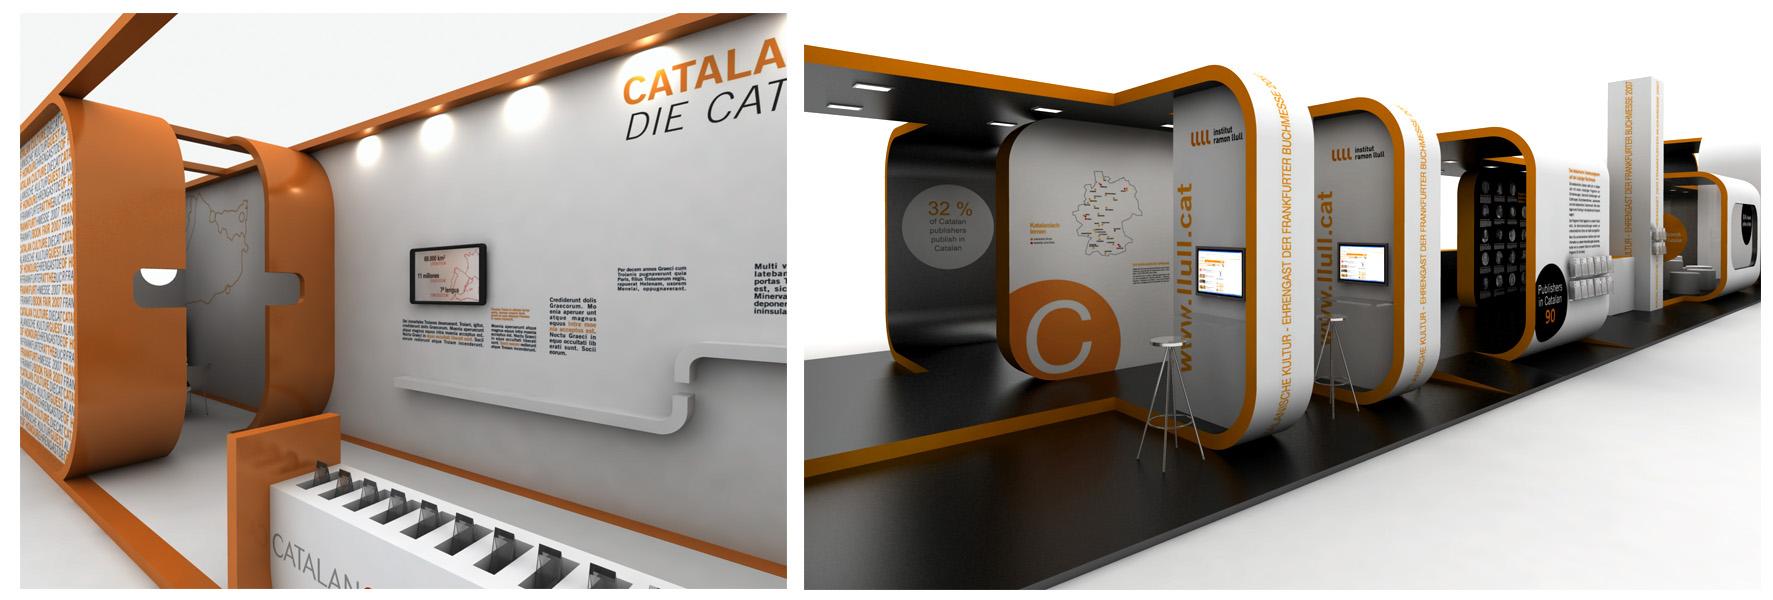 Cultura Catalana_04